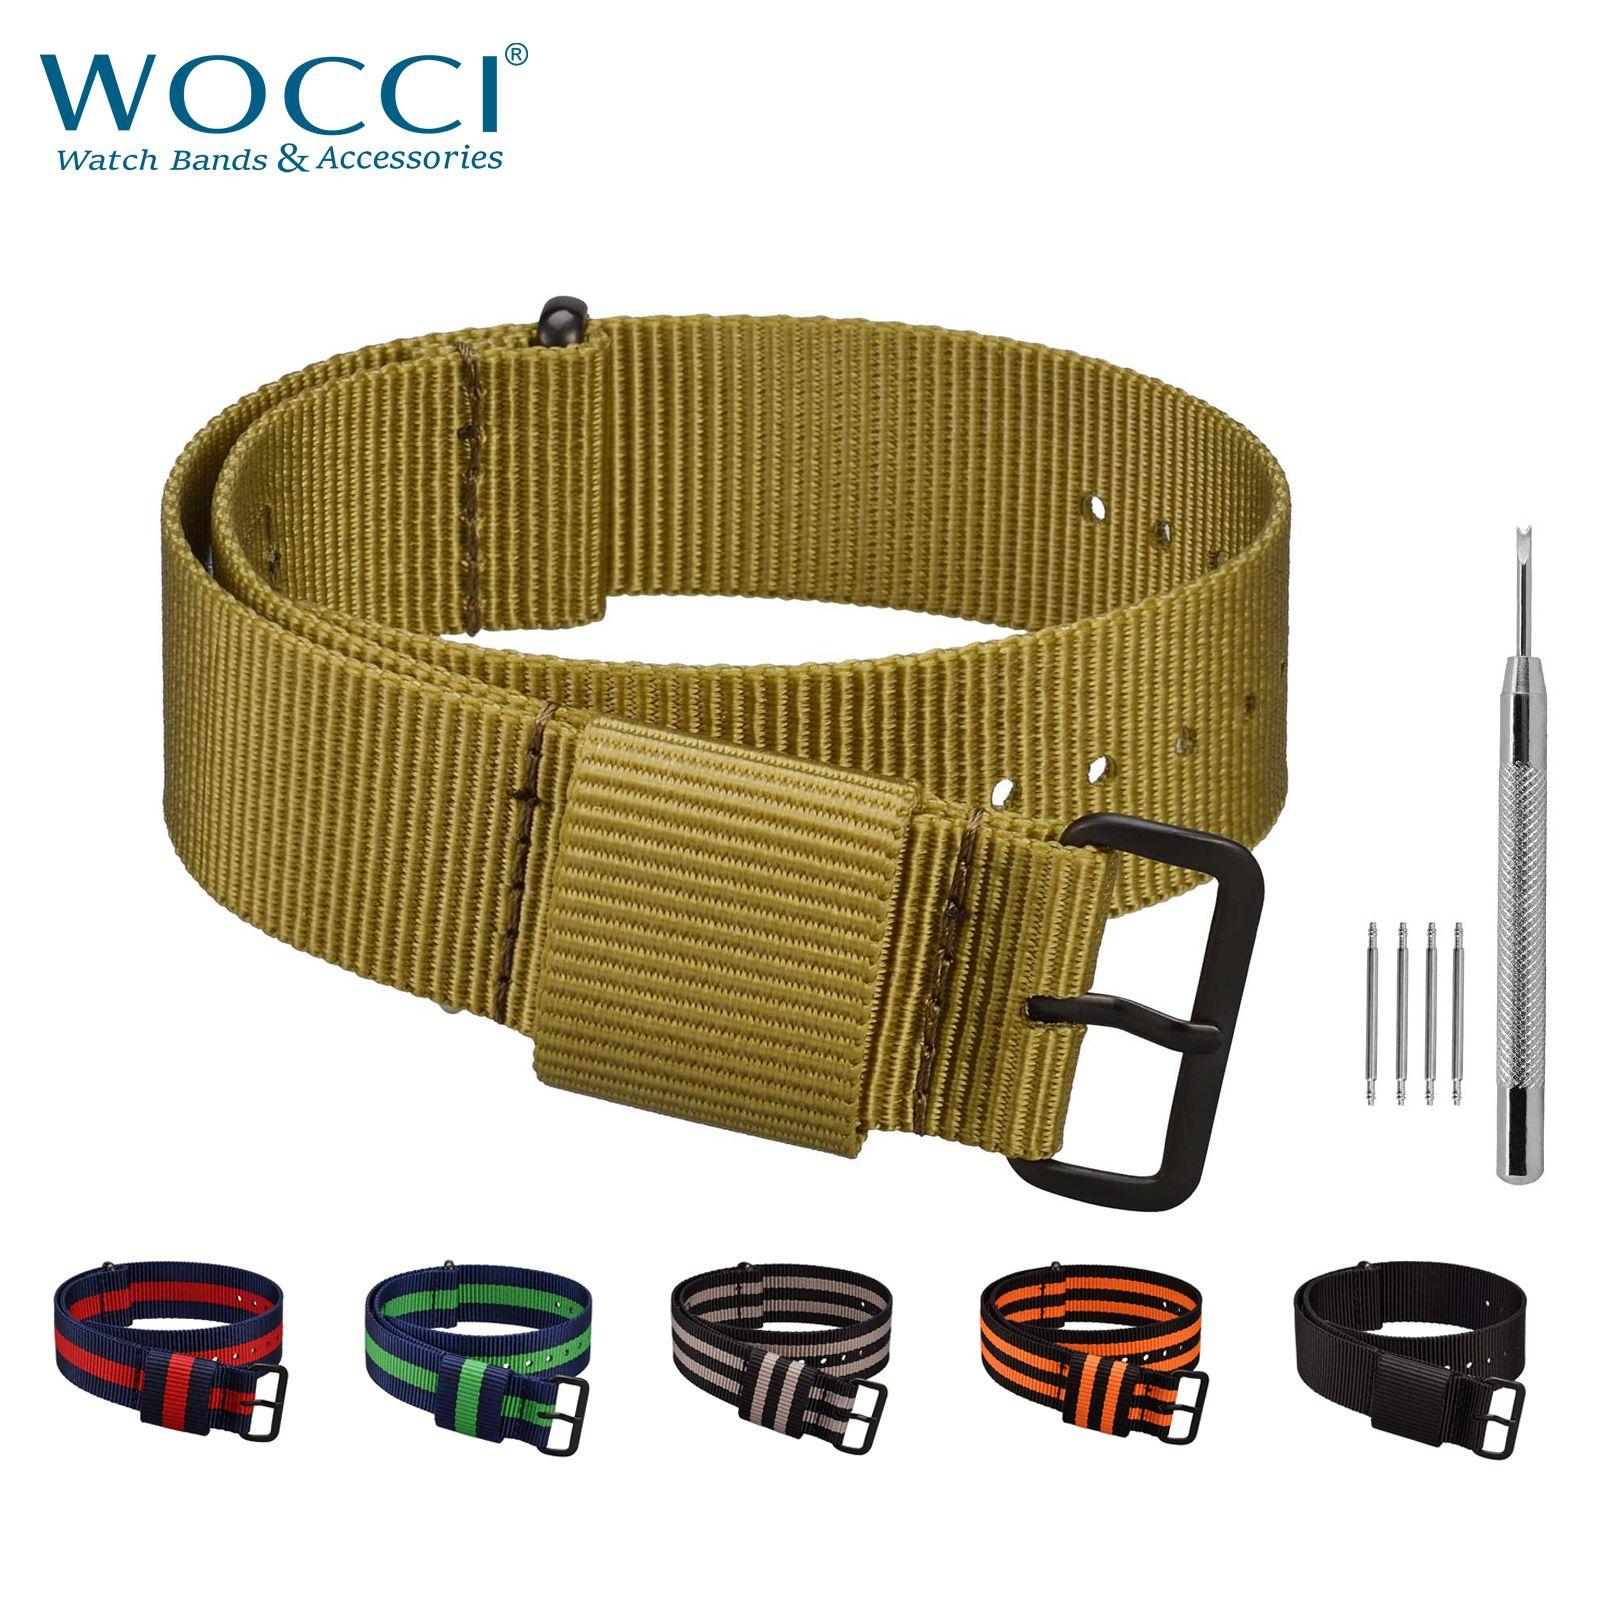 Bracelet de montre WOCCI Nato 18mm 20mm 22mm 24mm Bandes Nylon 6 Couleurs Taille Large Poignet